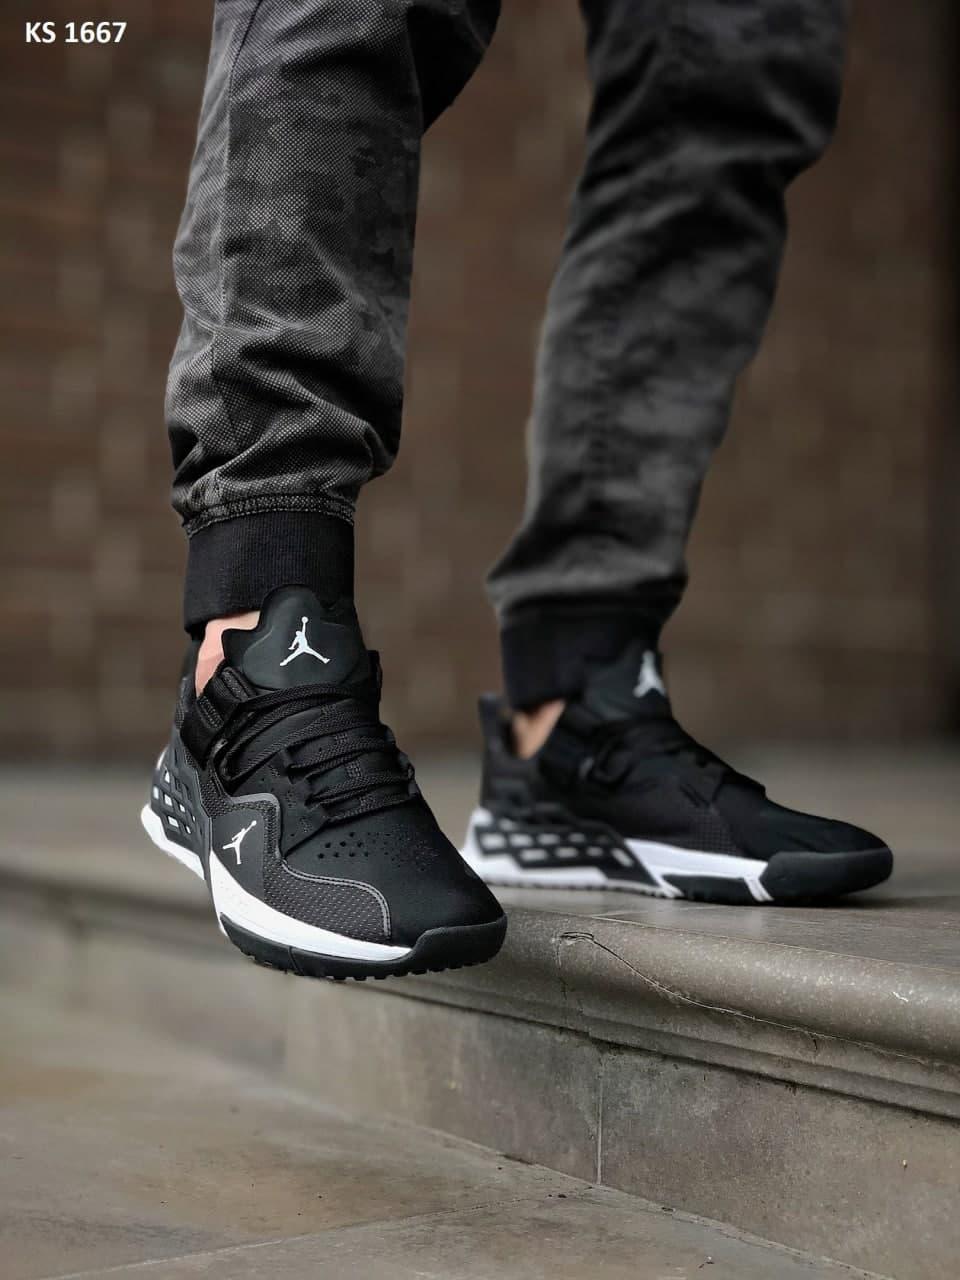 Чоловічі кросівки Nike Zoom Jordan Alpha 360 (Чорні з білим) KS 1667 легка спортивна взуття